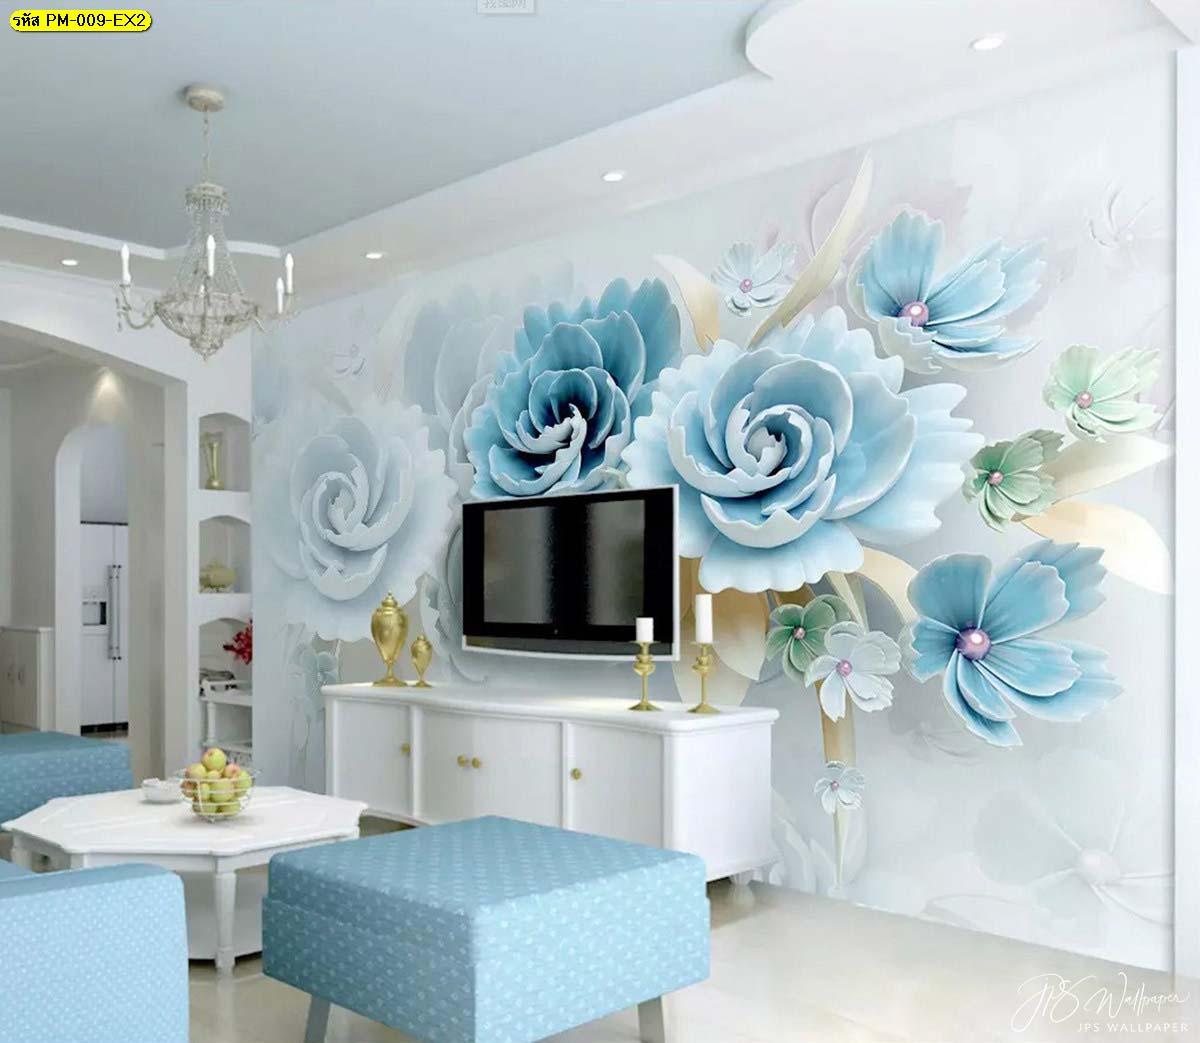 ภาพติดผนังหลังทีวี ห้องรับแขกตกแต่งหรู วอลเปเปอร์ดอกไม้ใหญ่สีฟ้าสามมิติ